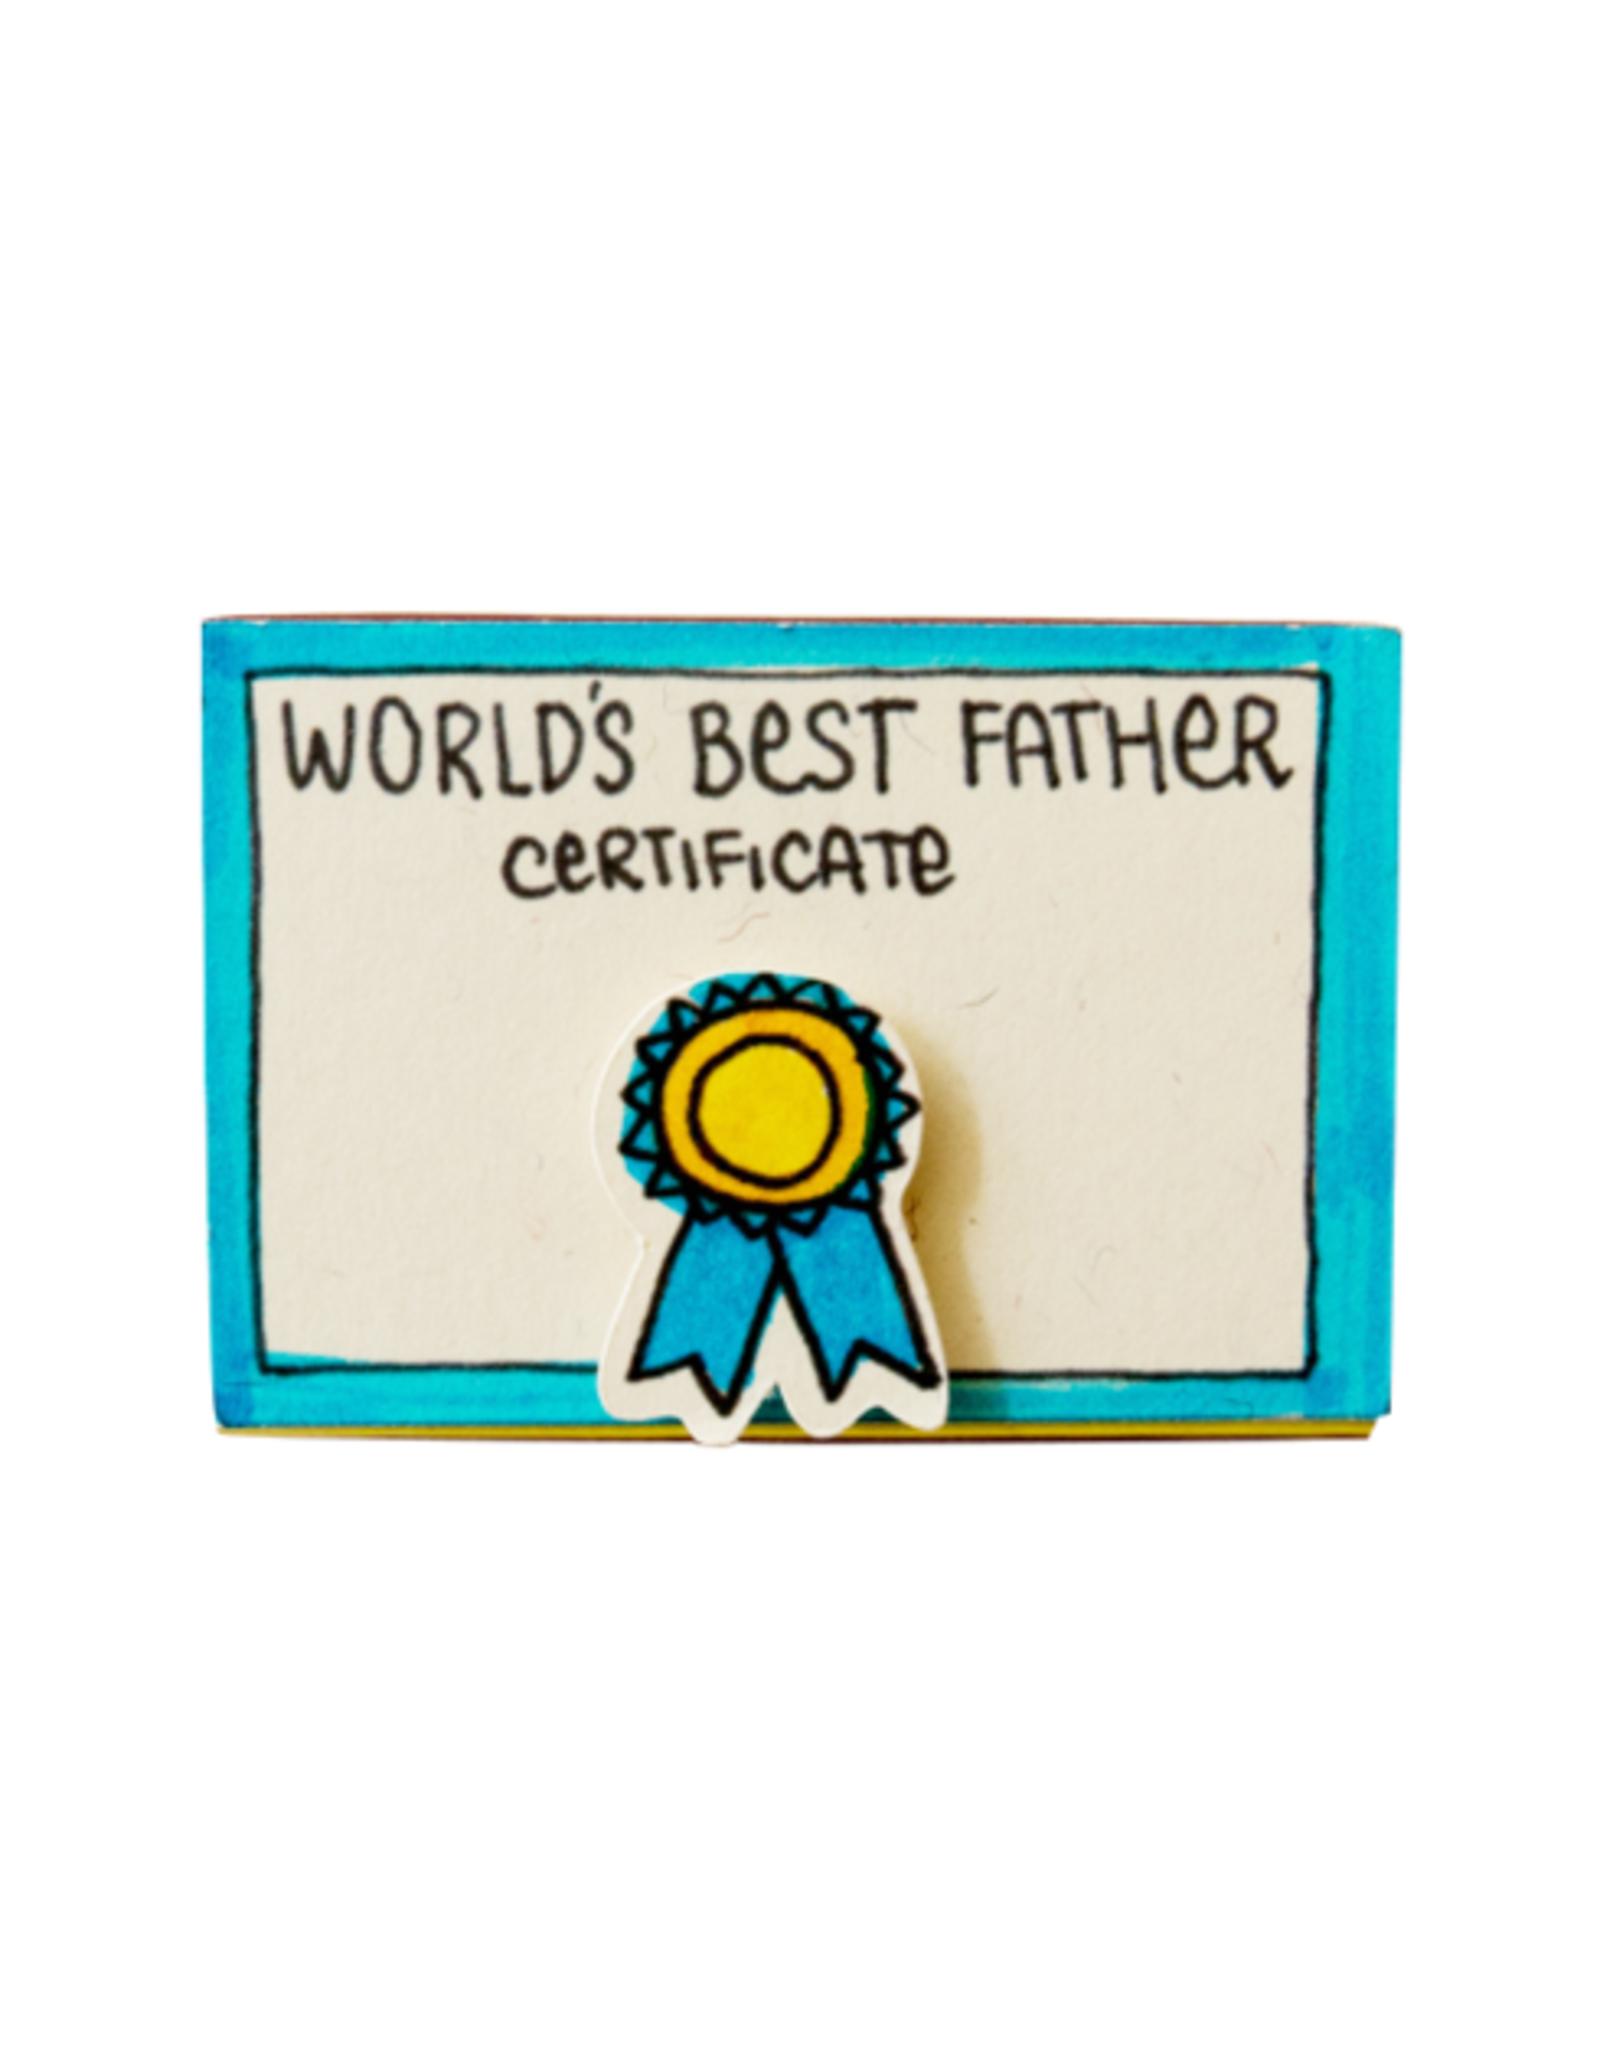 Matchbox Card World's Best Father